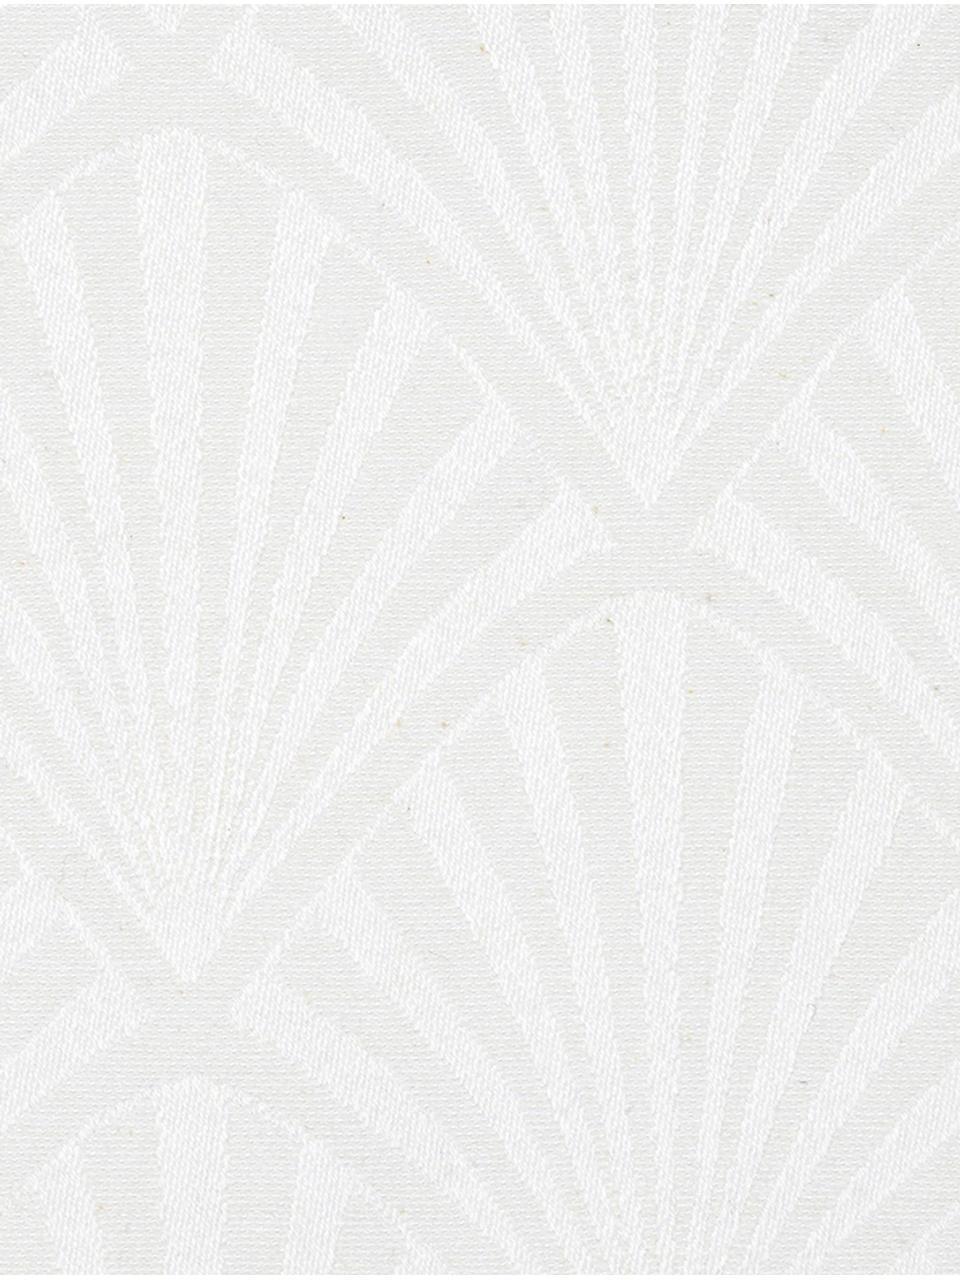 Serwetka z tkaniny Celine, 4szt., Biały, S 40 x D 40 cm